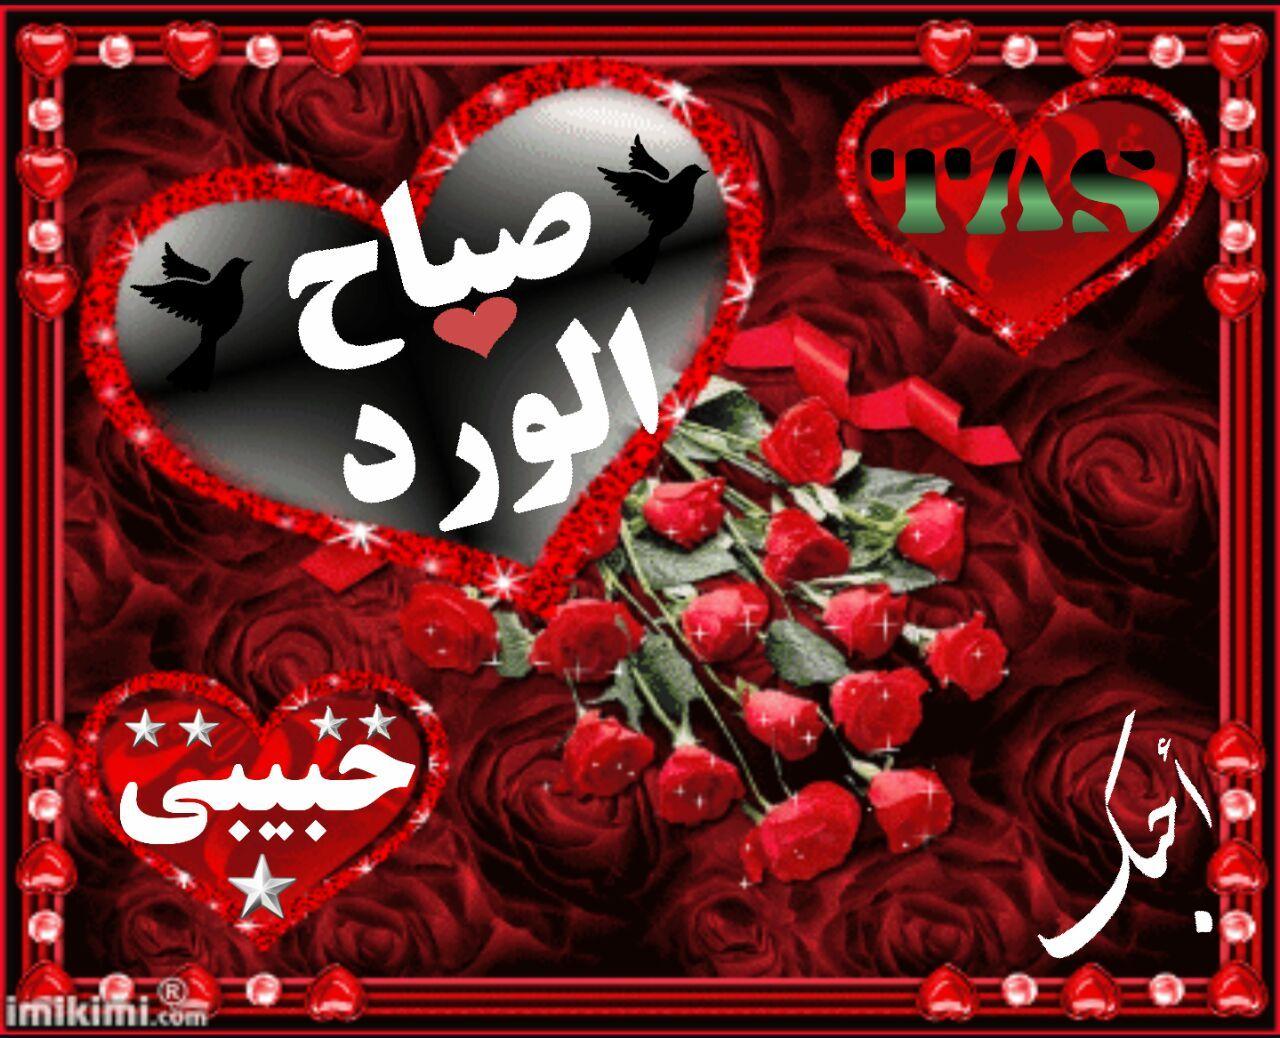 بالصور صباح الورد حبيبتي , اجمل تشكيله صور صباح الورد حبيبتي 4258 12